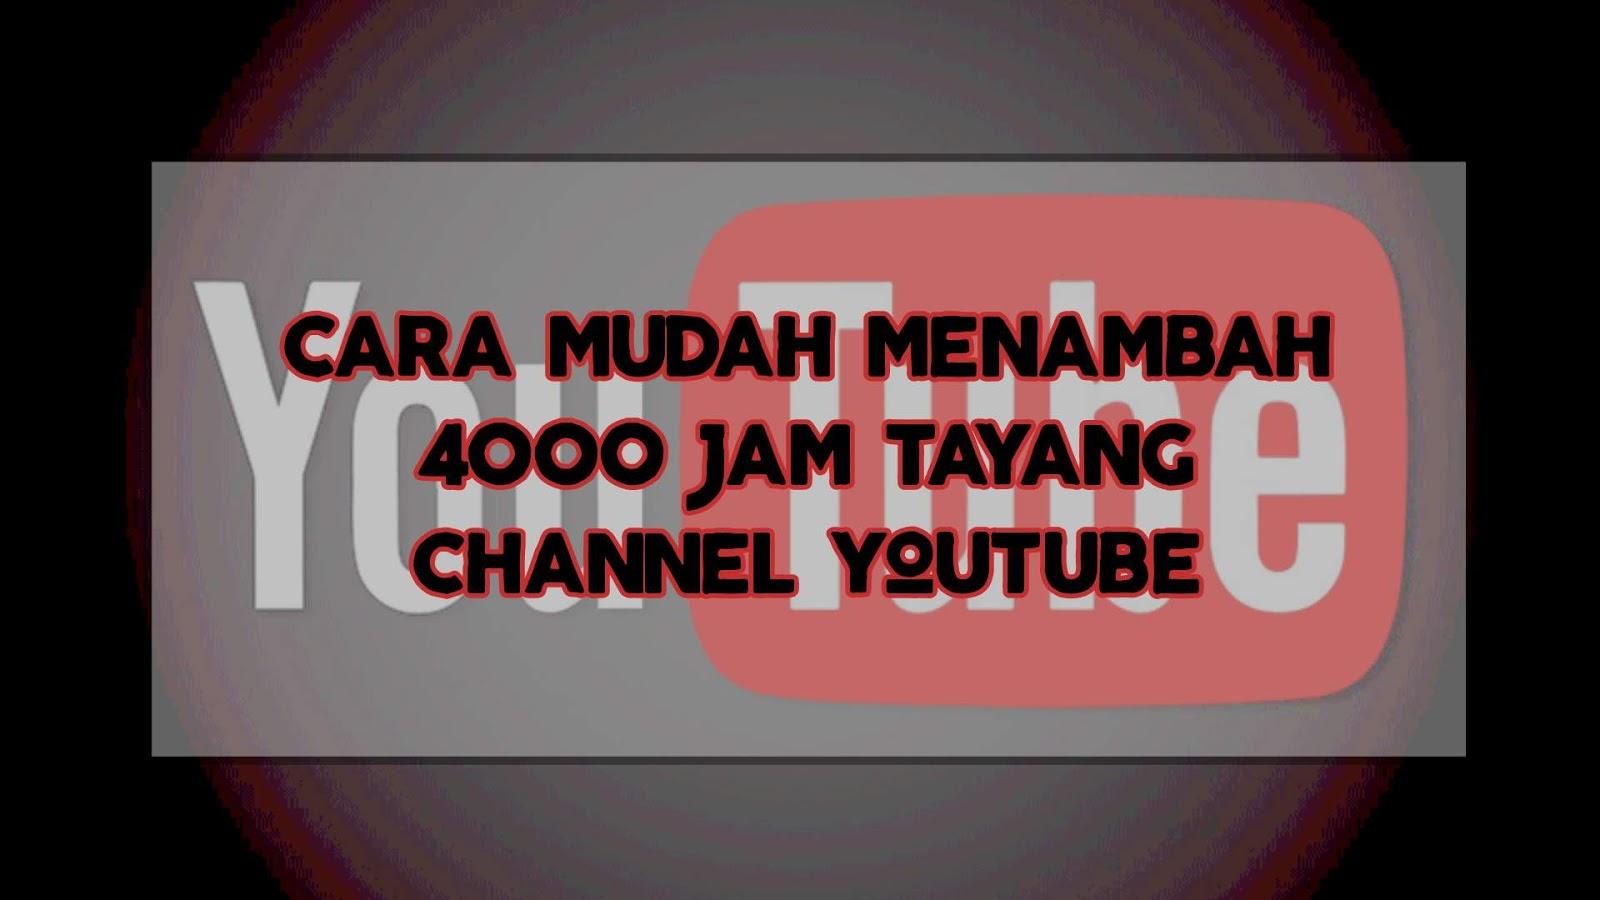 Cara Mudah Tambah 4000 Jam Tayang Youtube